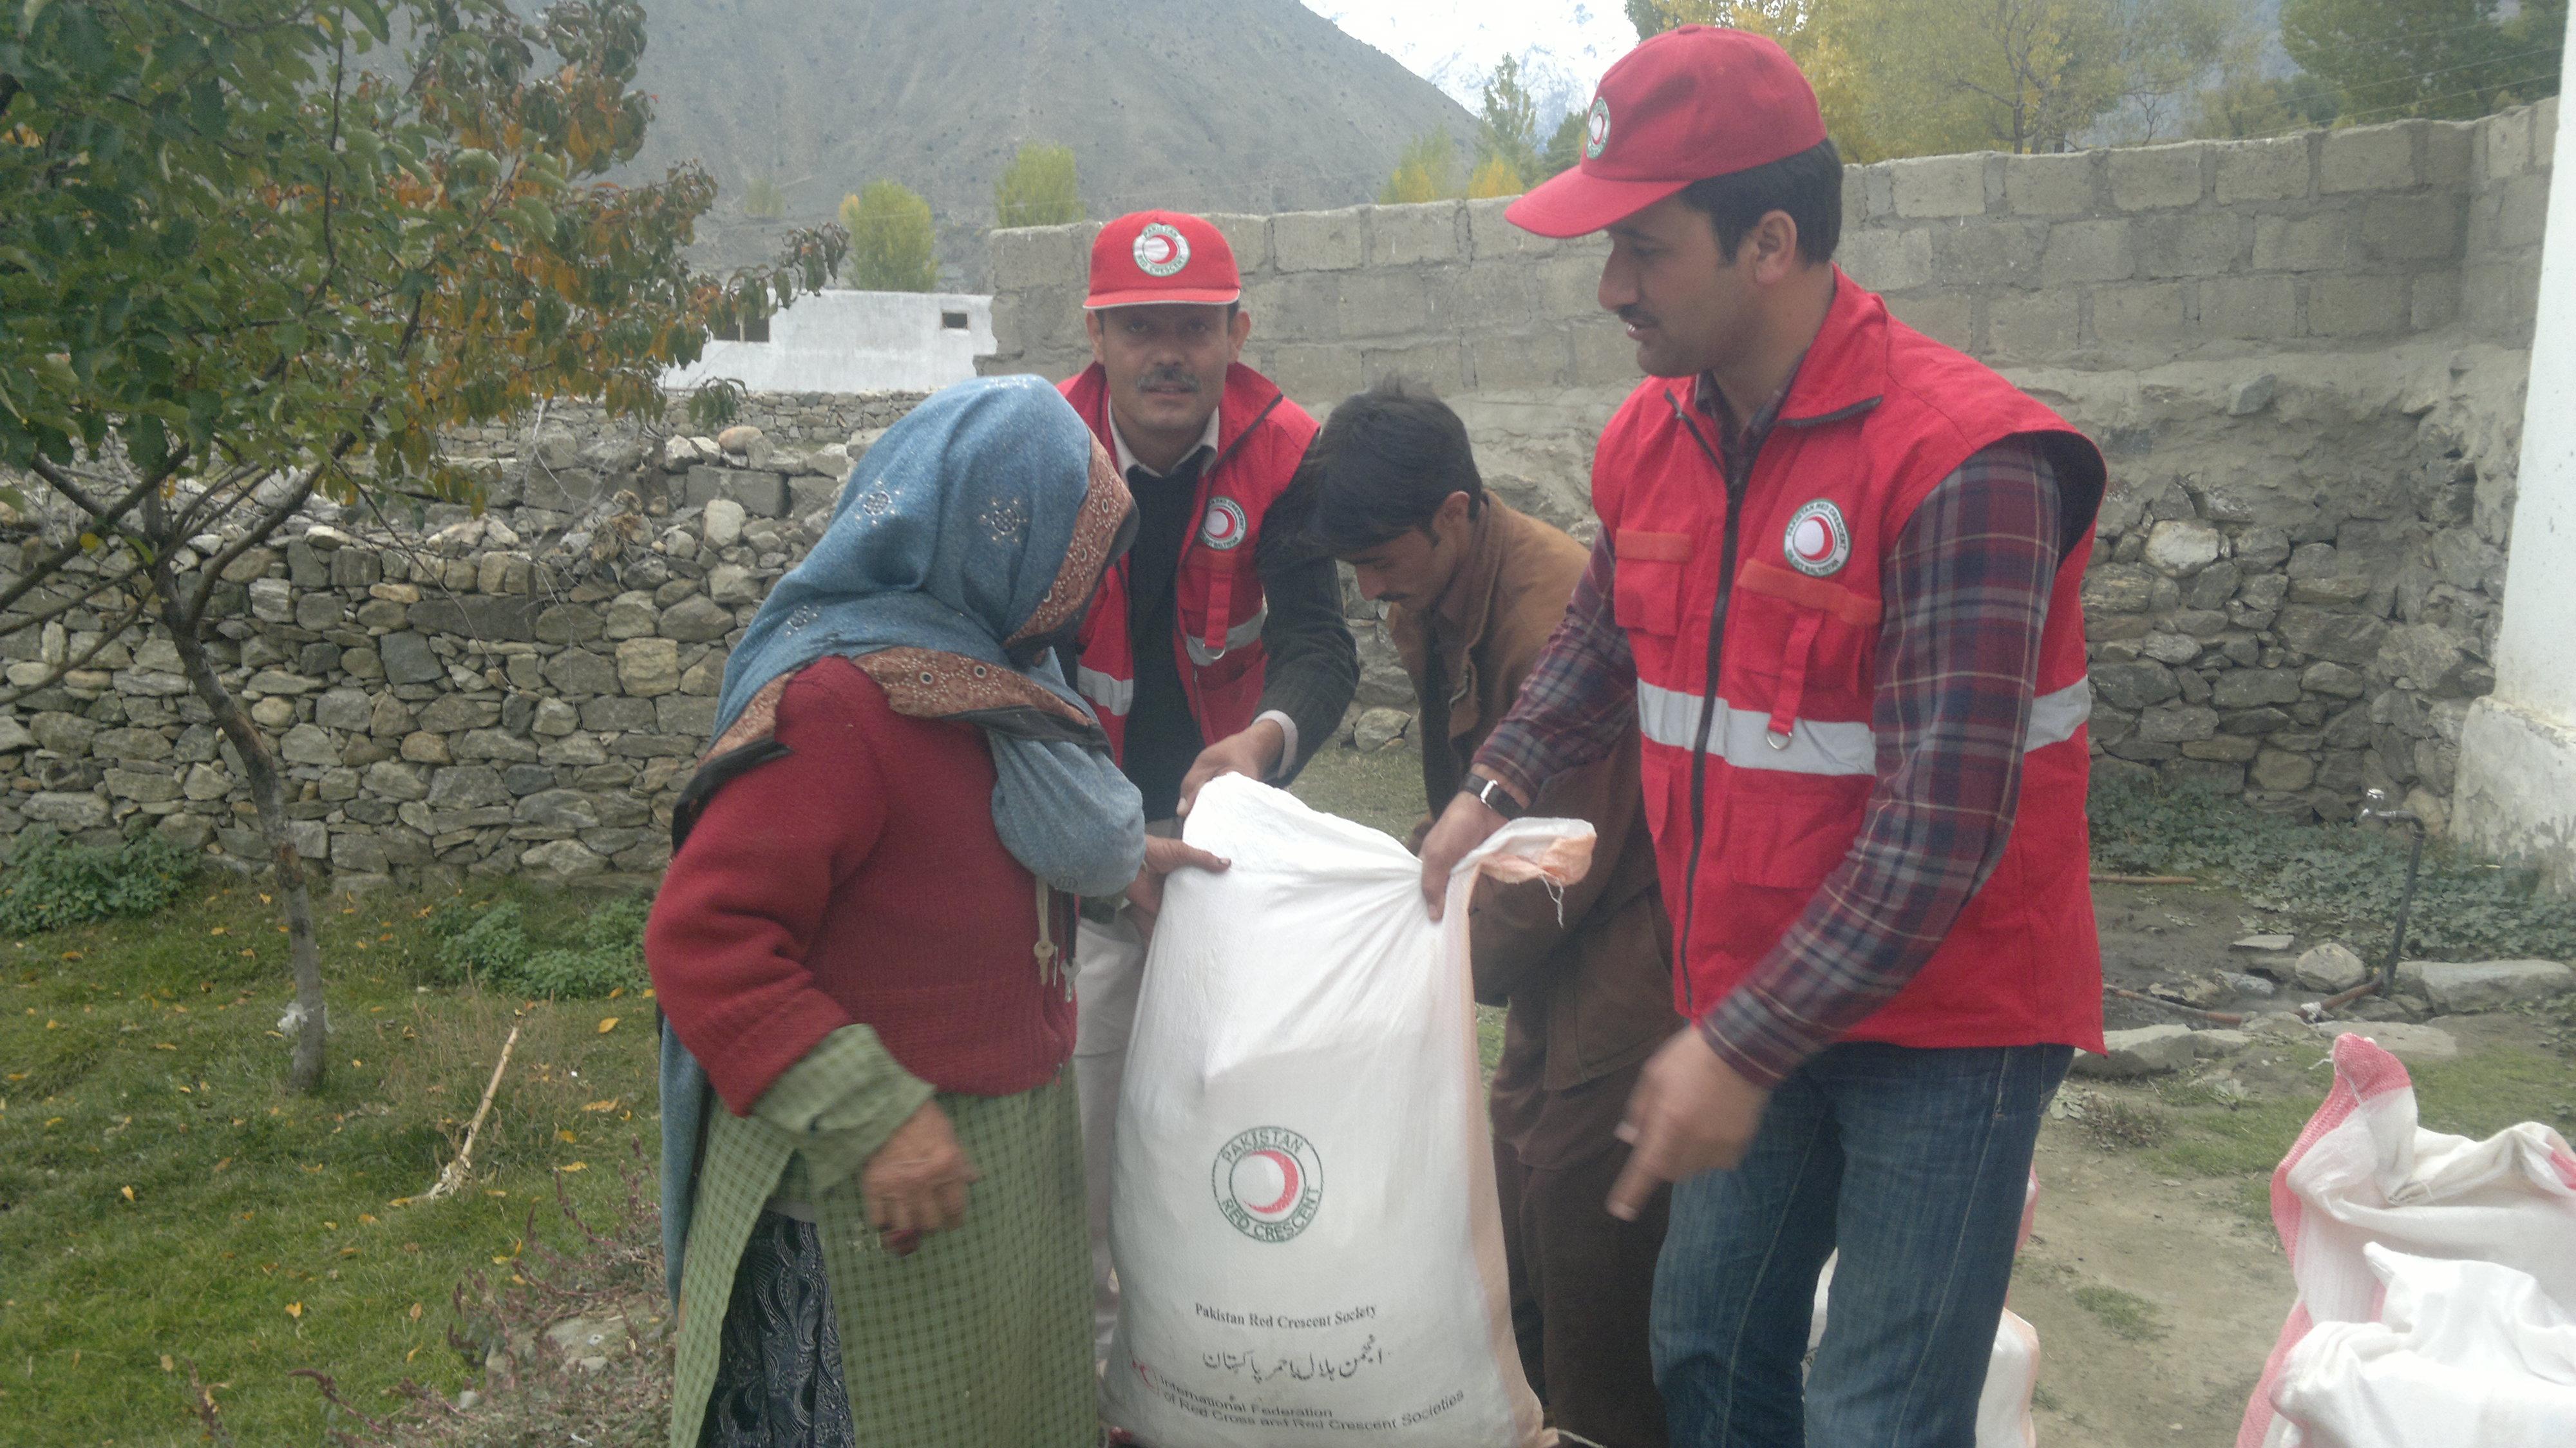 ہلال احمر کے زیر اہتمام ضلع استور میں بارشوں سے متاثر٢٠٠ خاندانوں کو امدادی اشیا دئیے گئے